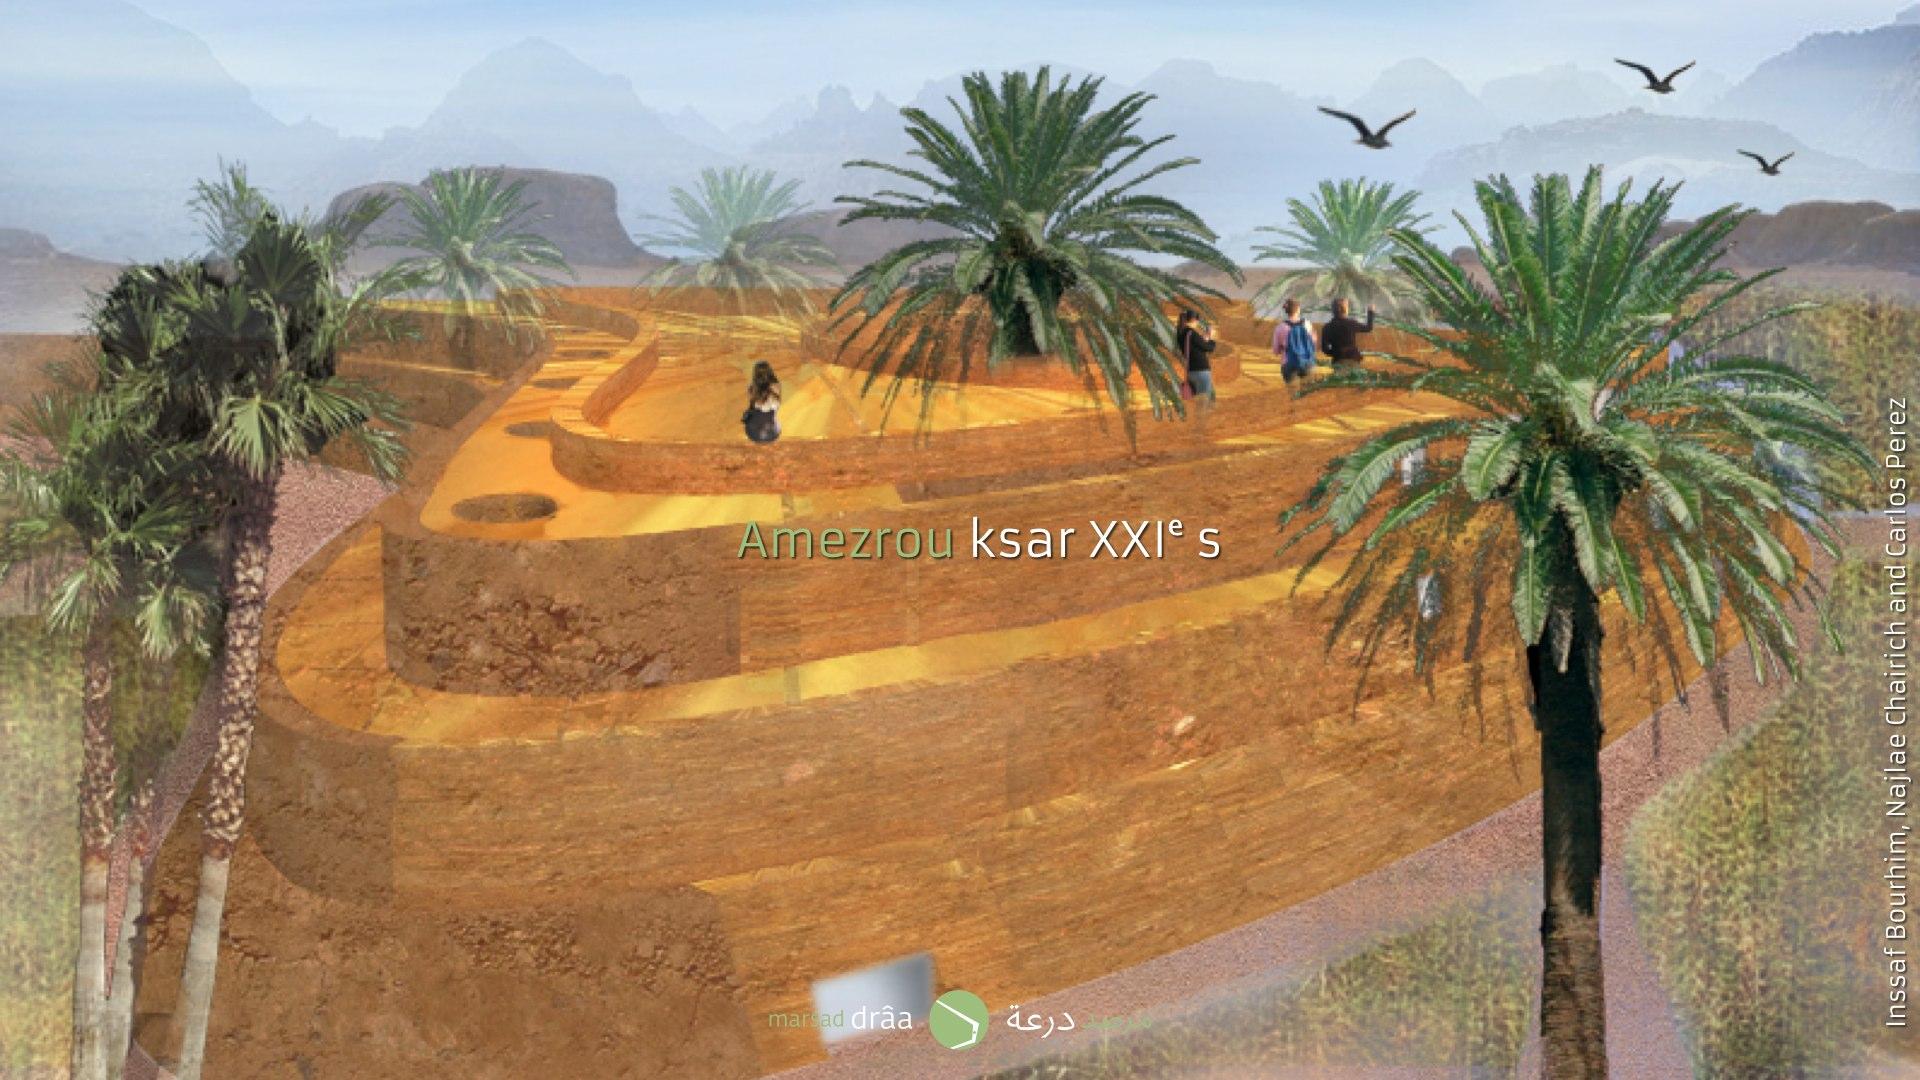 On a essayé, un résolvant le problème des dunes, de faire évoluer l'image traditionnelle de l'architecture en terre, pour une autre plus moderne et adapté aux modes de vie...